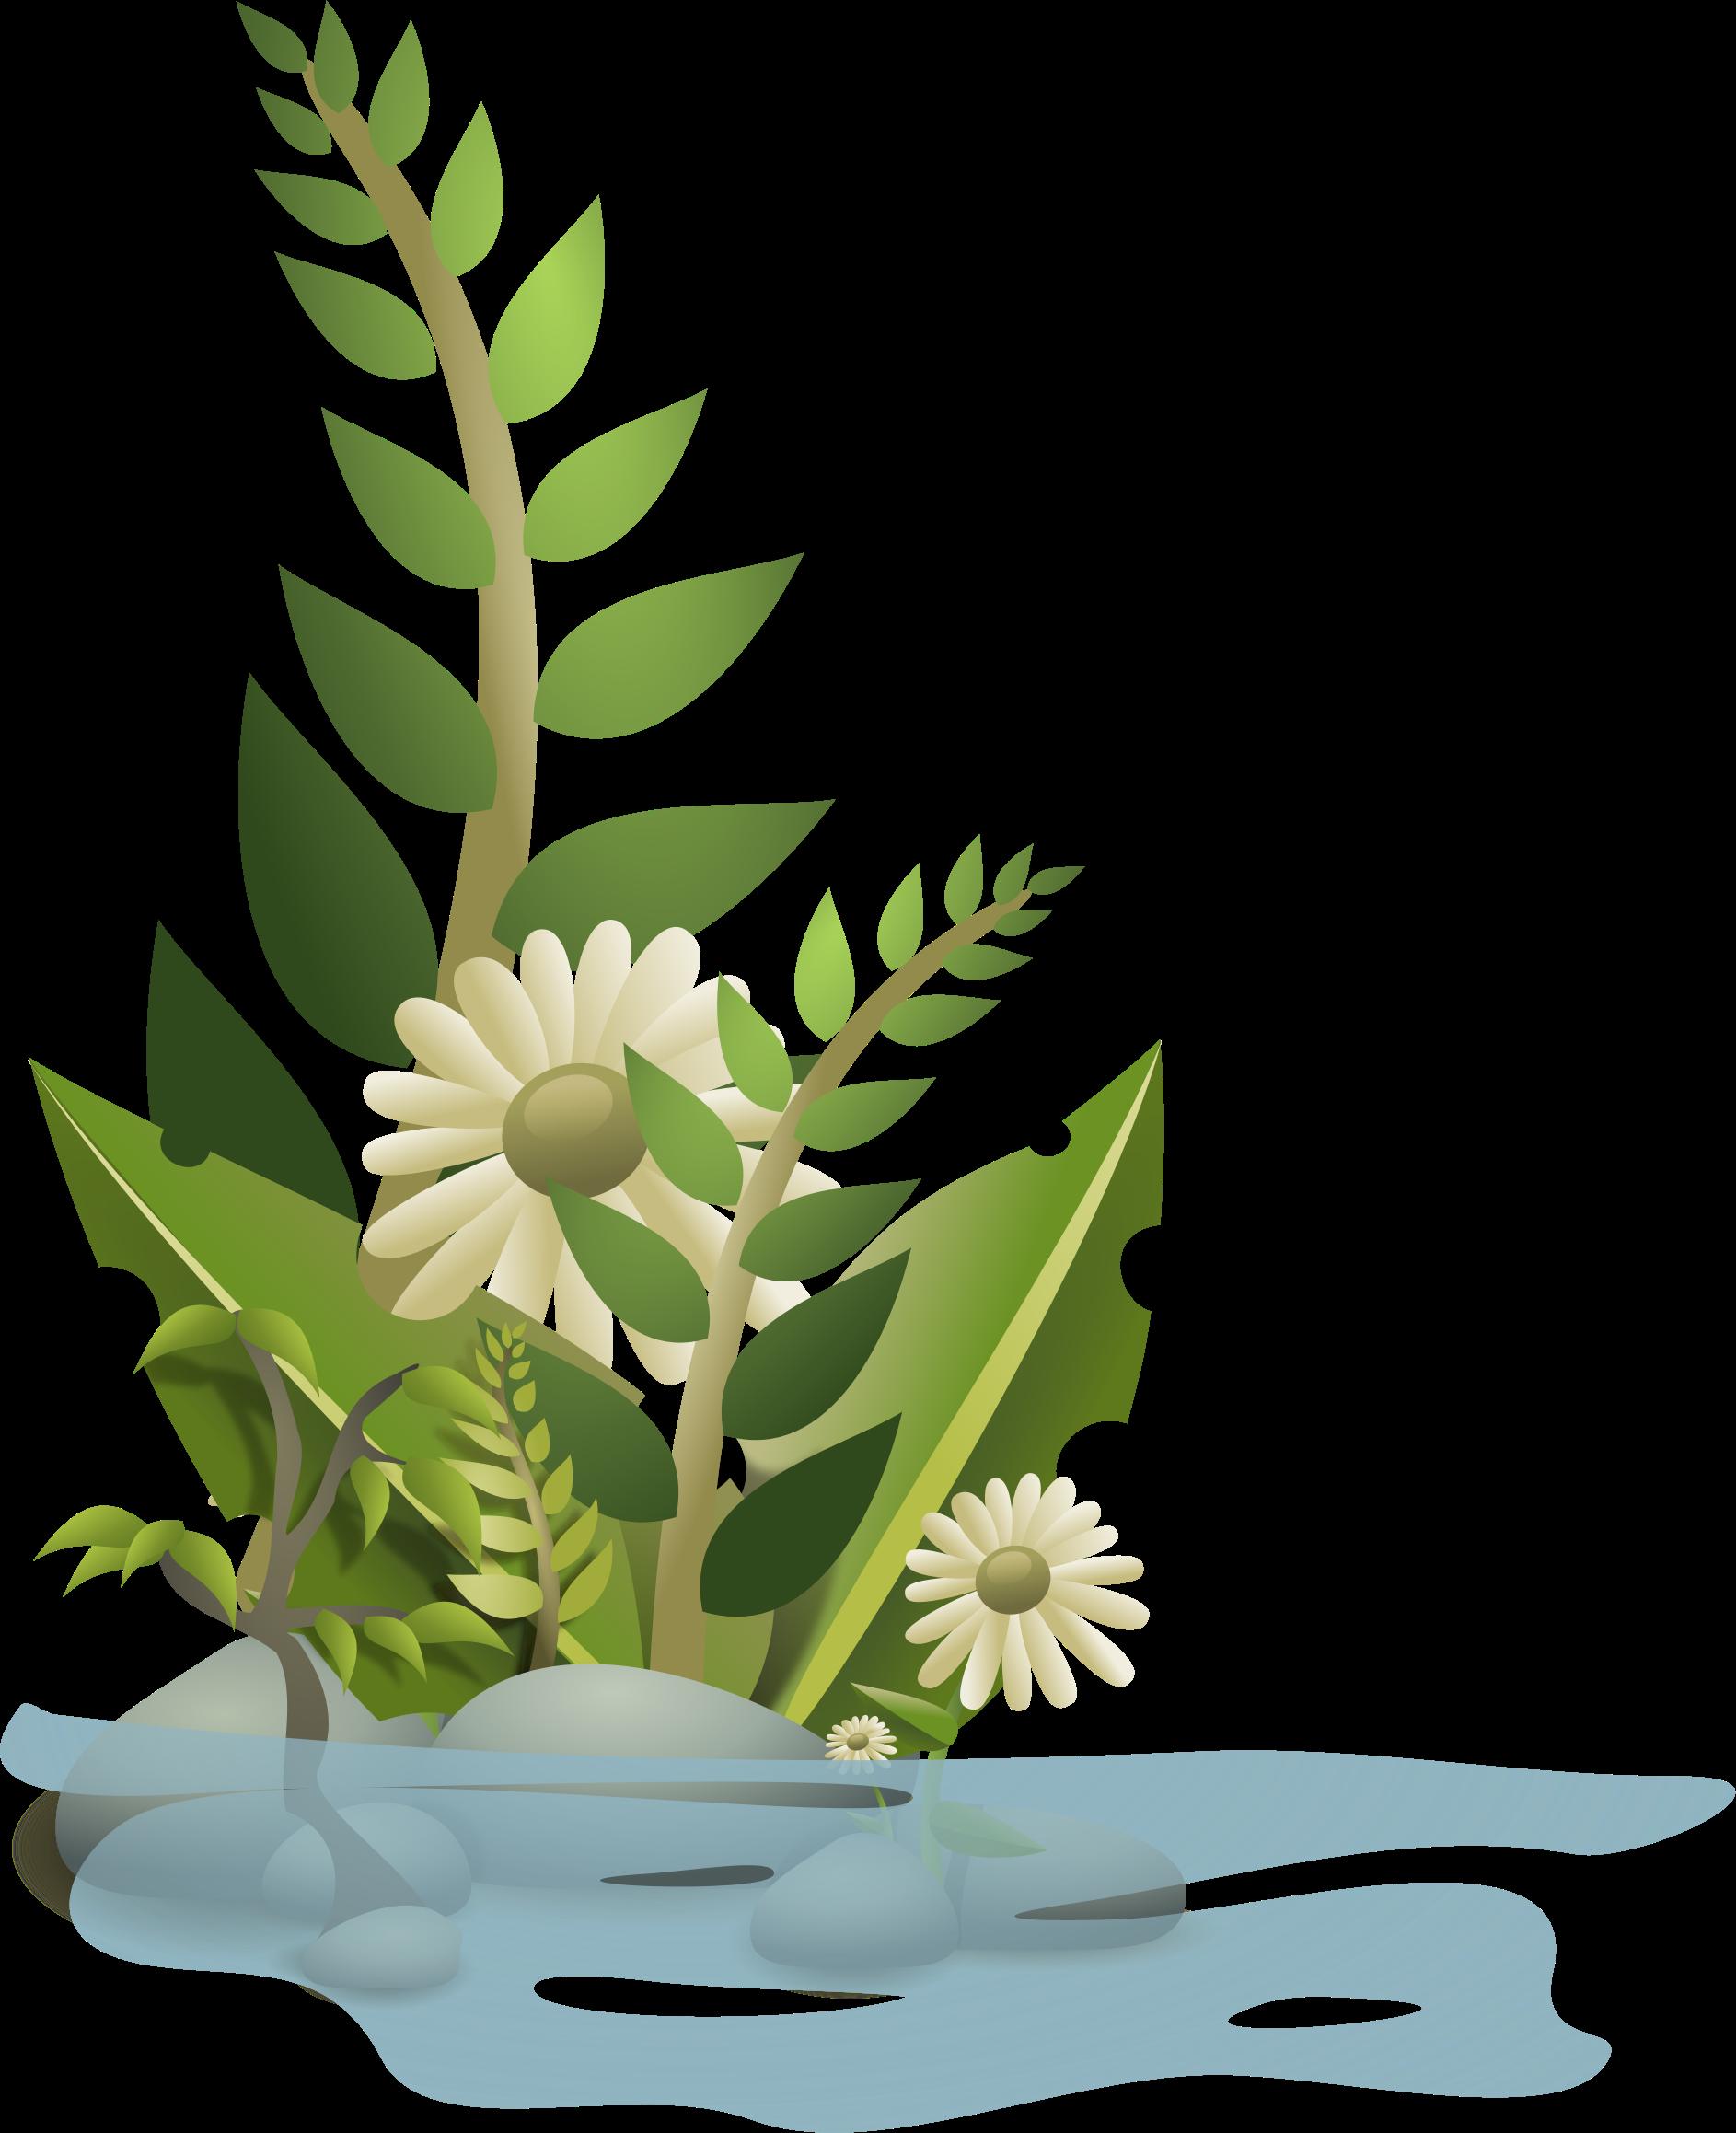 Nogloss big image png. Plants clipart gumamela